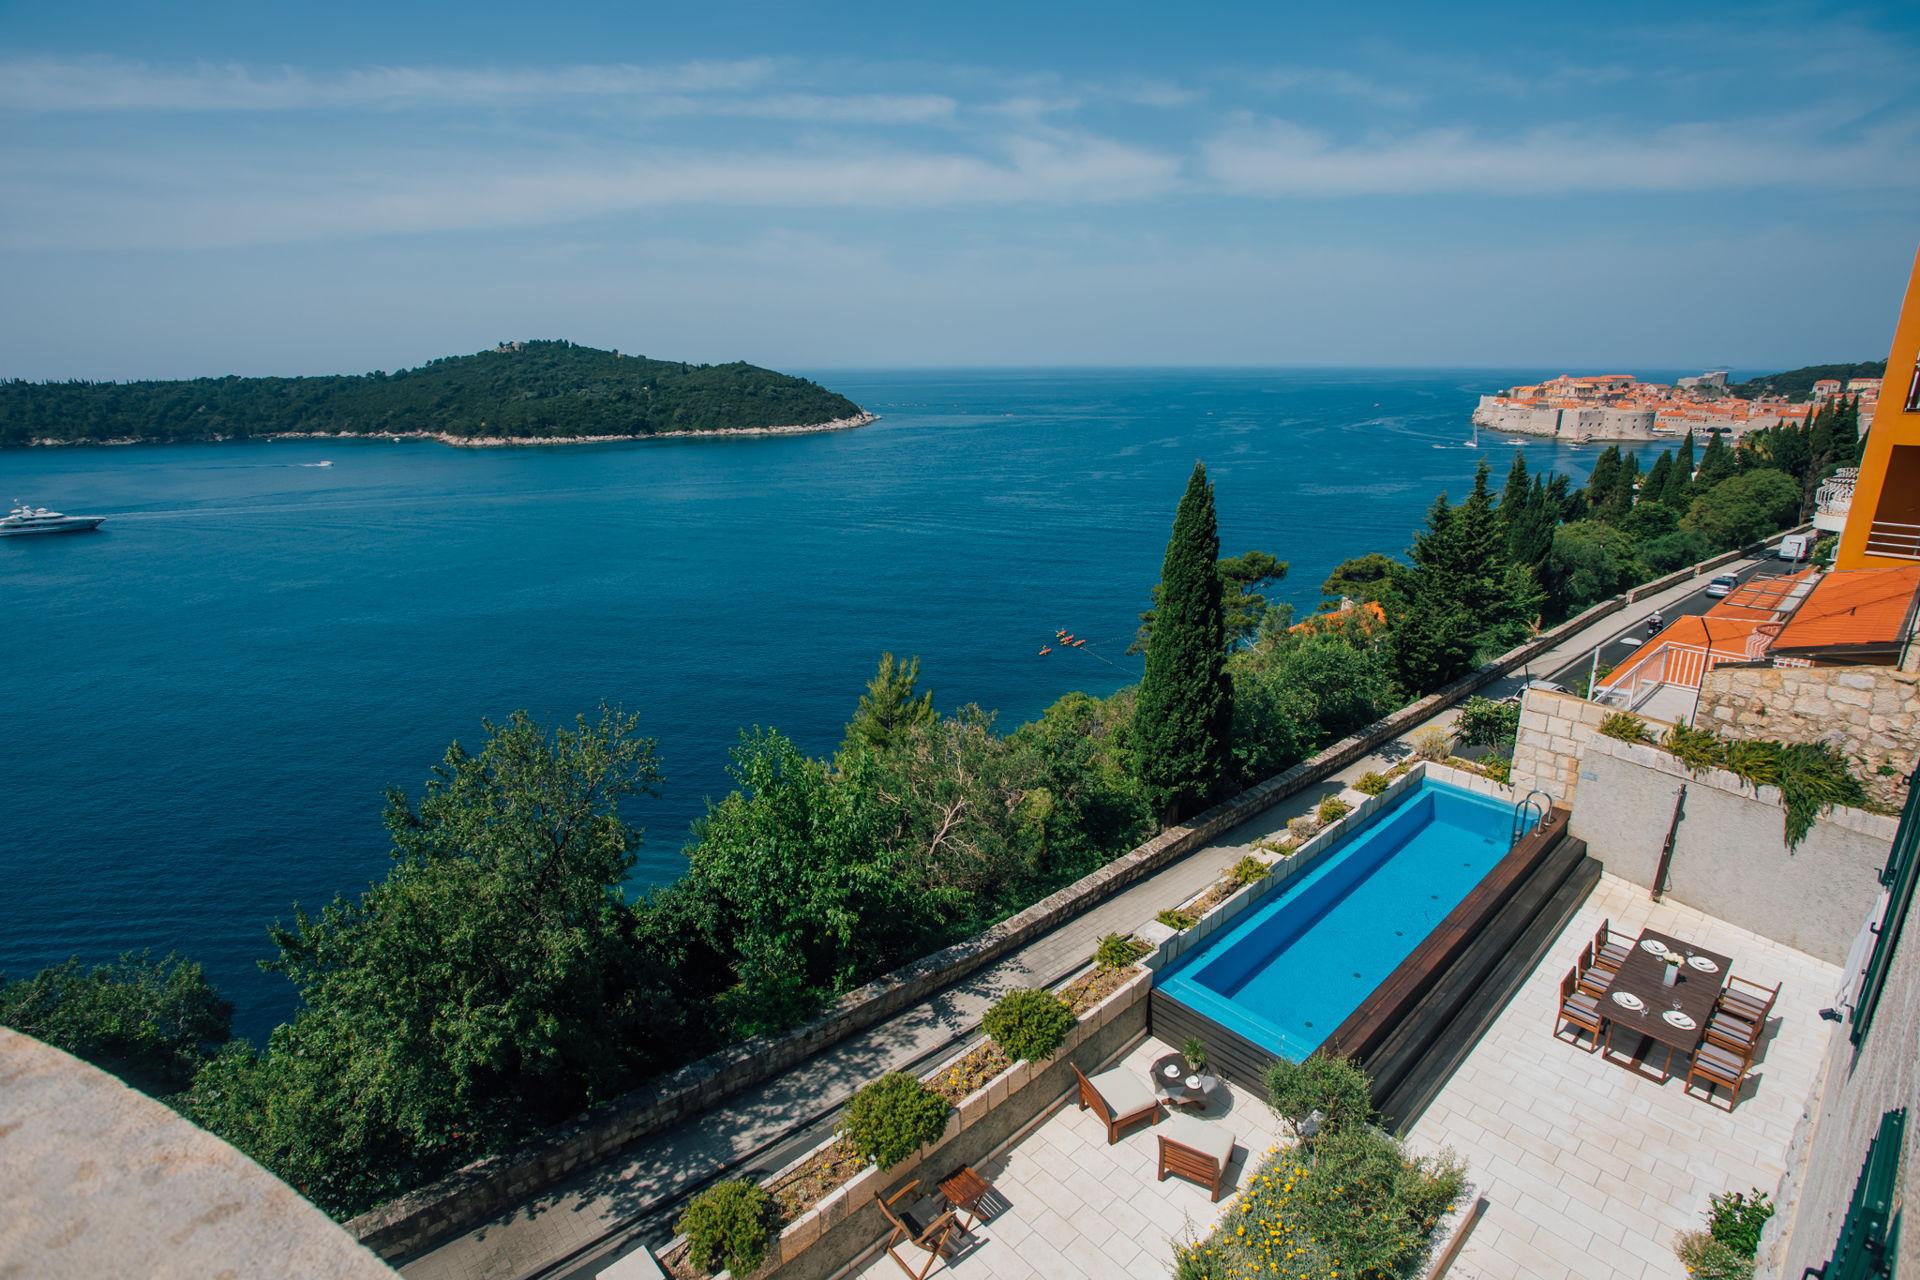 Utsikt over gamlebyen i Dubrovnik og øya Lokrum fra Luxury Residence Queen of Dubrovnik